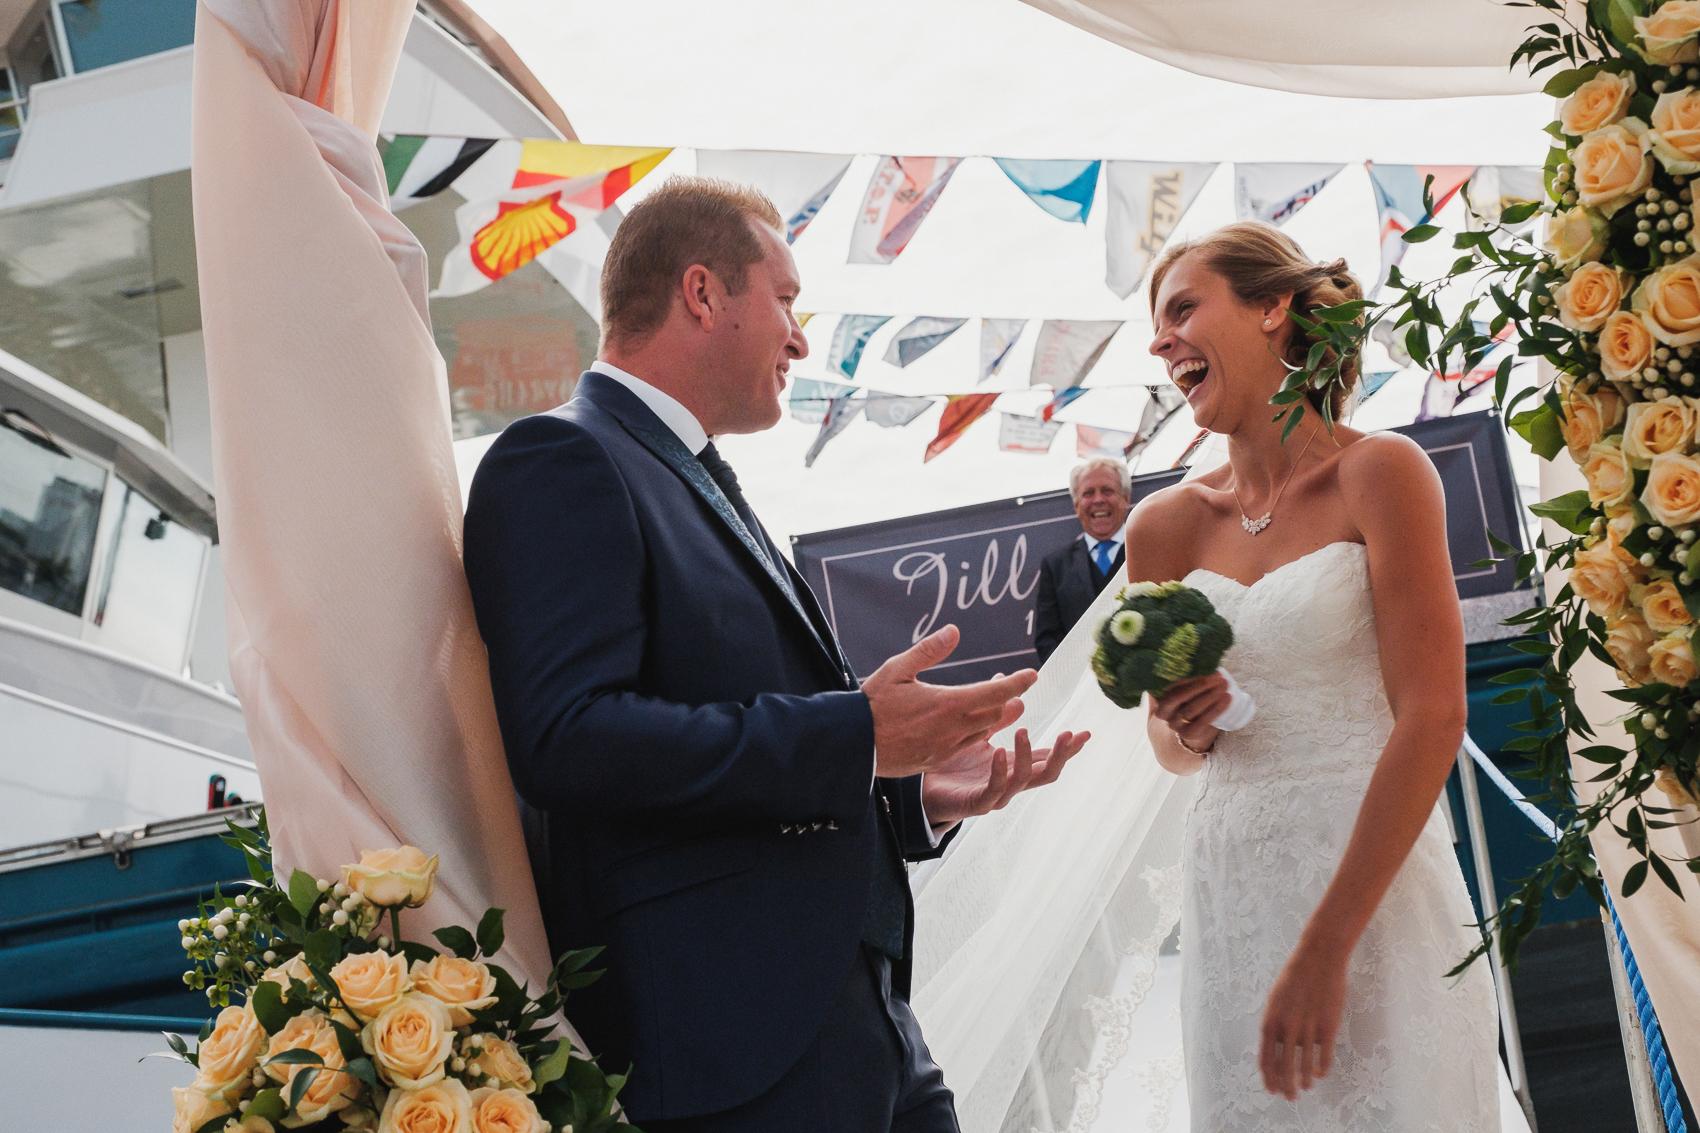 iso800 - huwleijksfotograaf Jill en Wesley Antwerpen-32.jpg